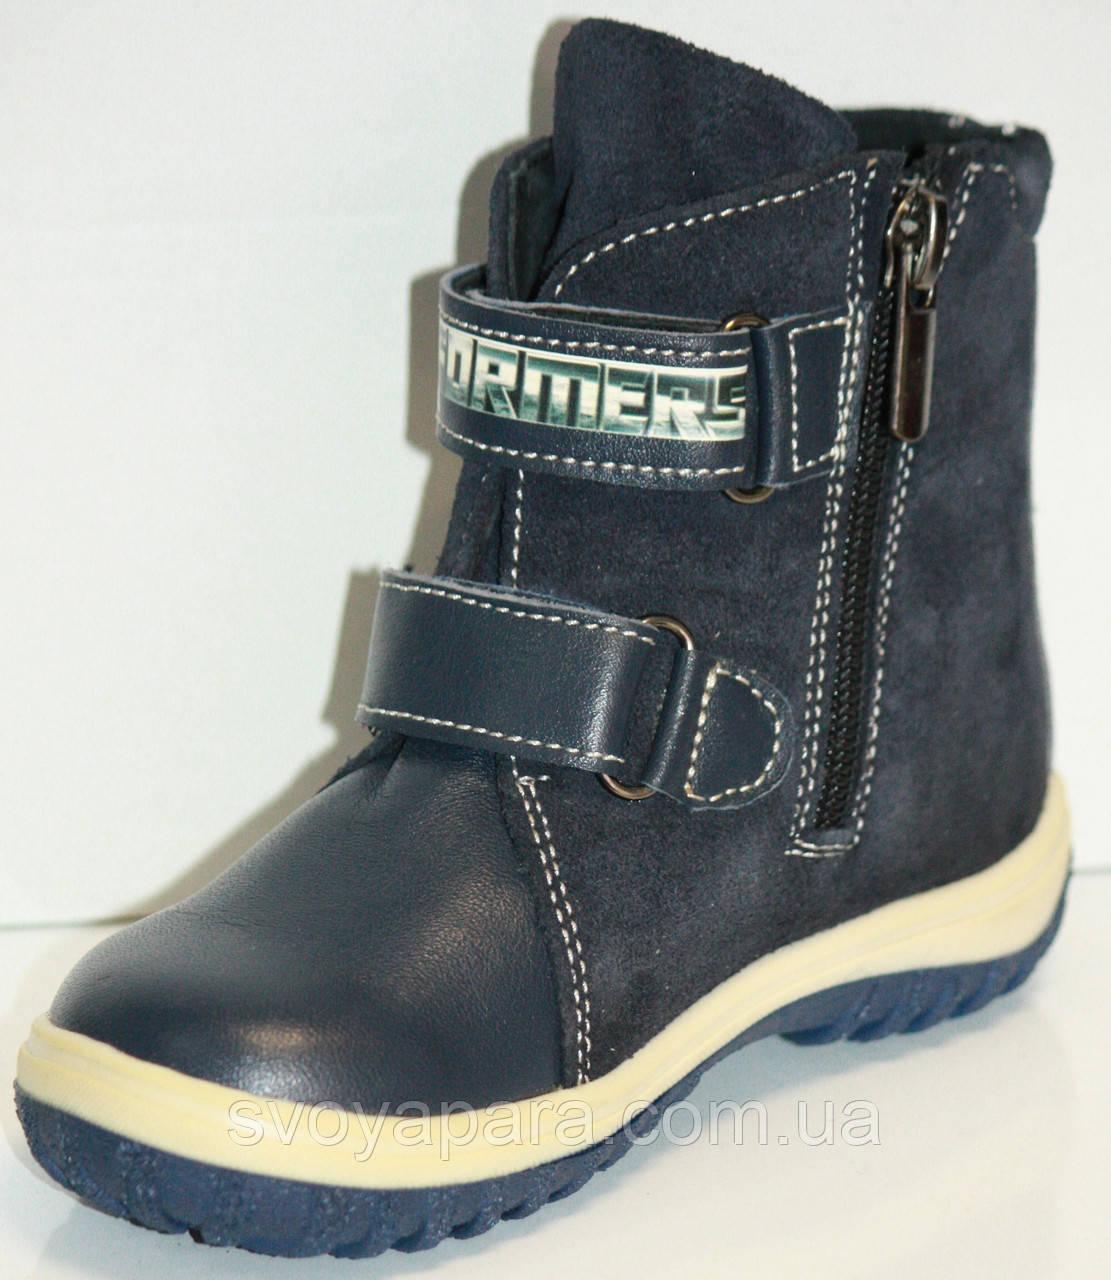 Ботинки весенне-осенние для мальчика синие кожаные (0138)